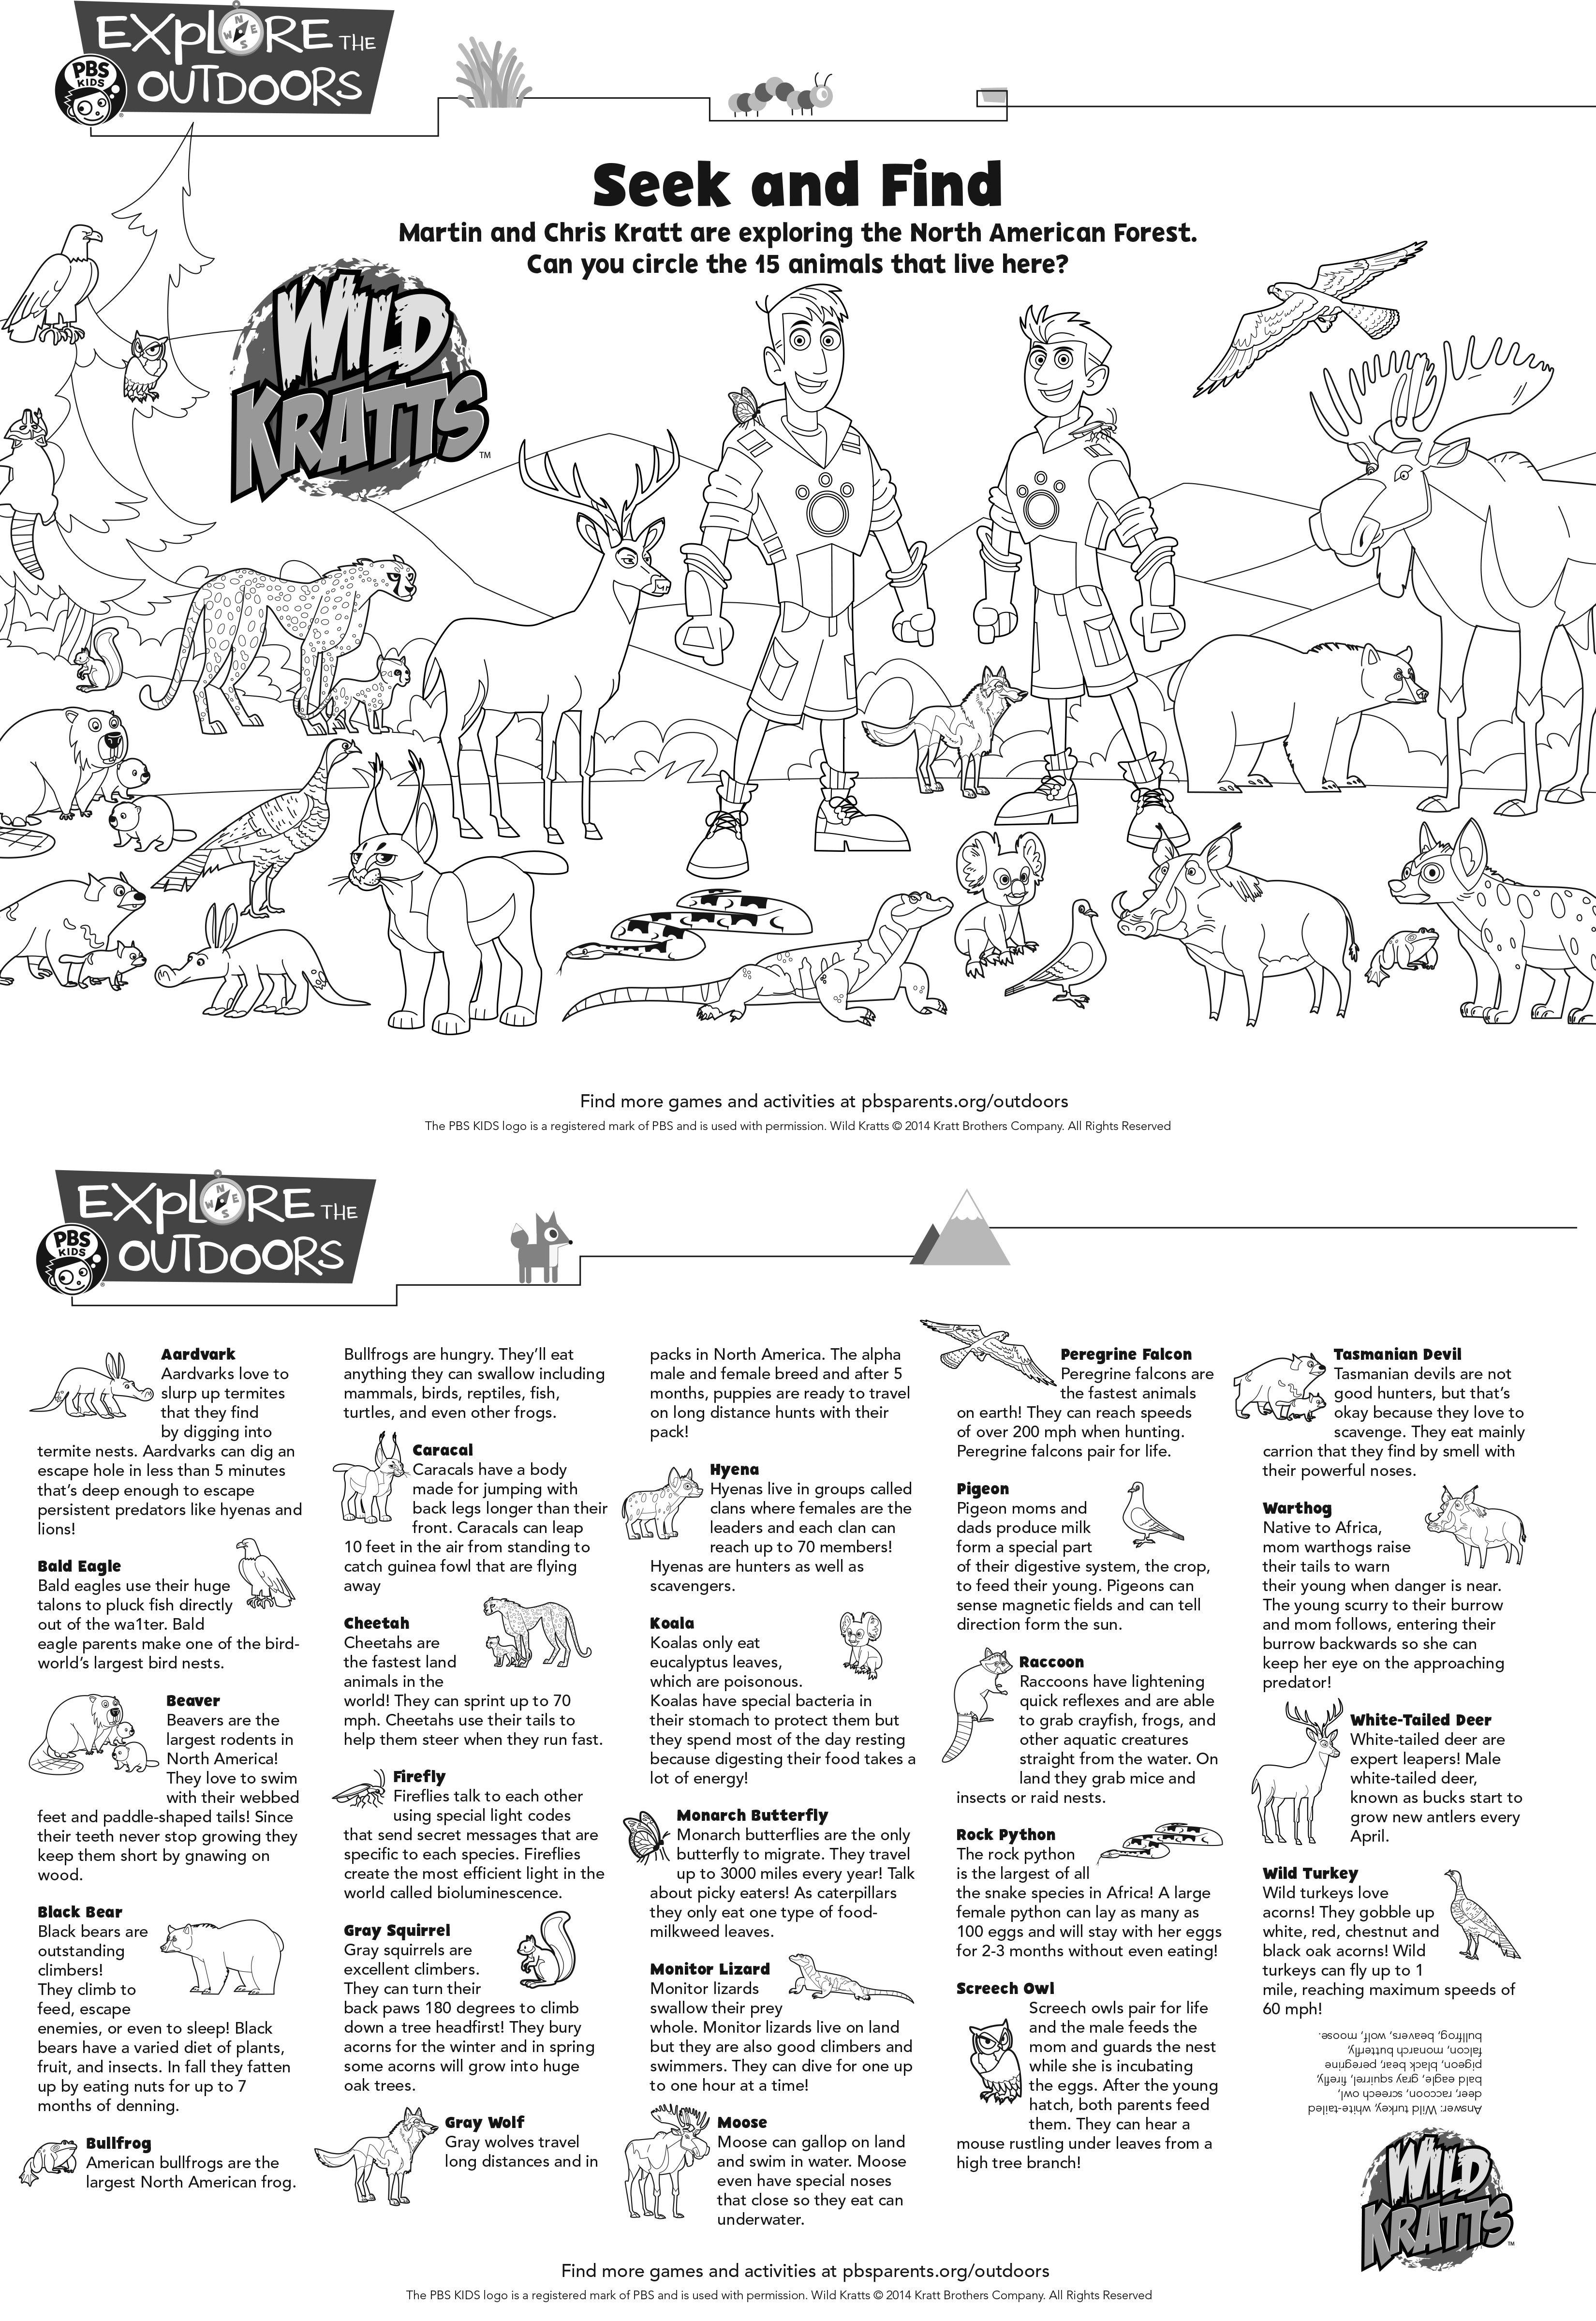 Wild Kratts Seek And Find Activity Sheet Wildkratts